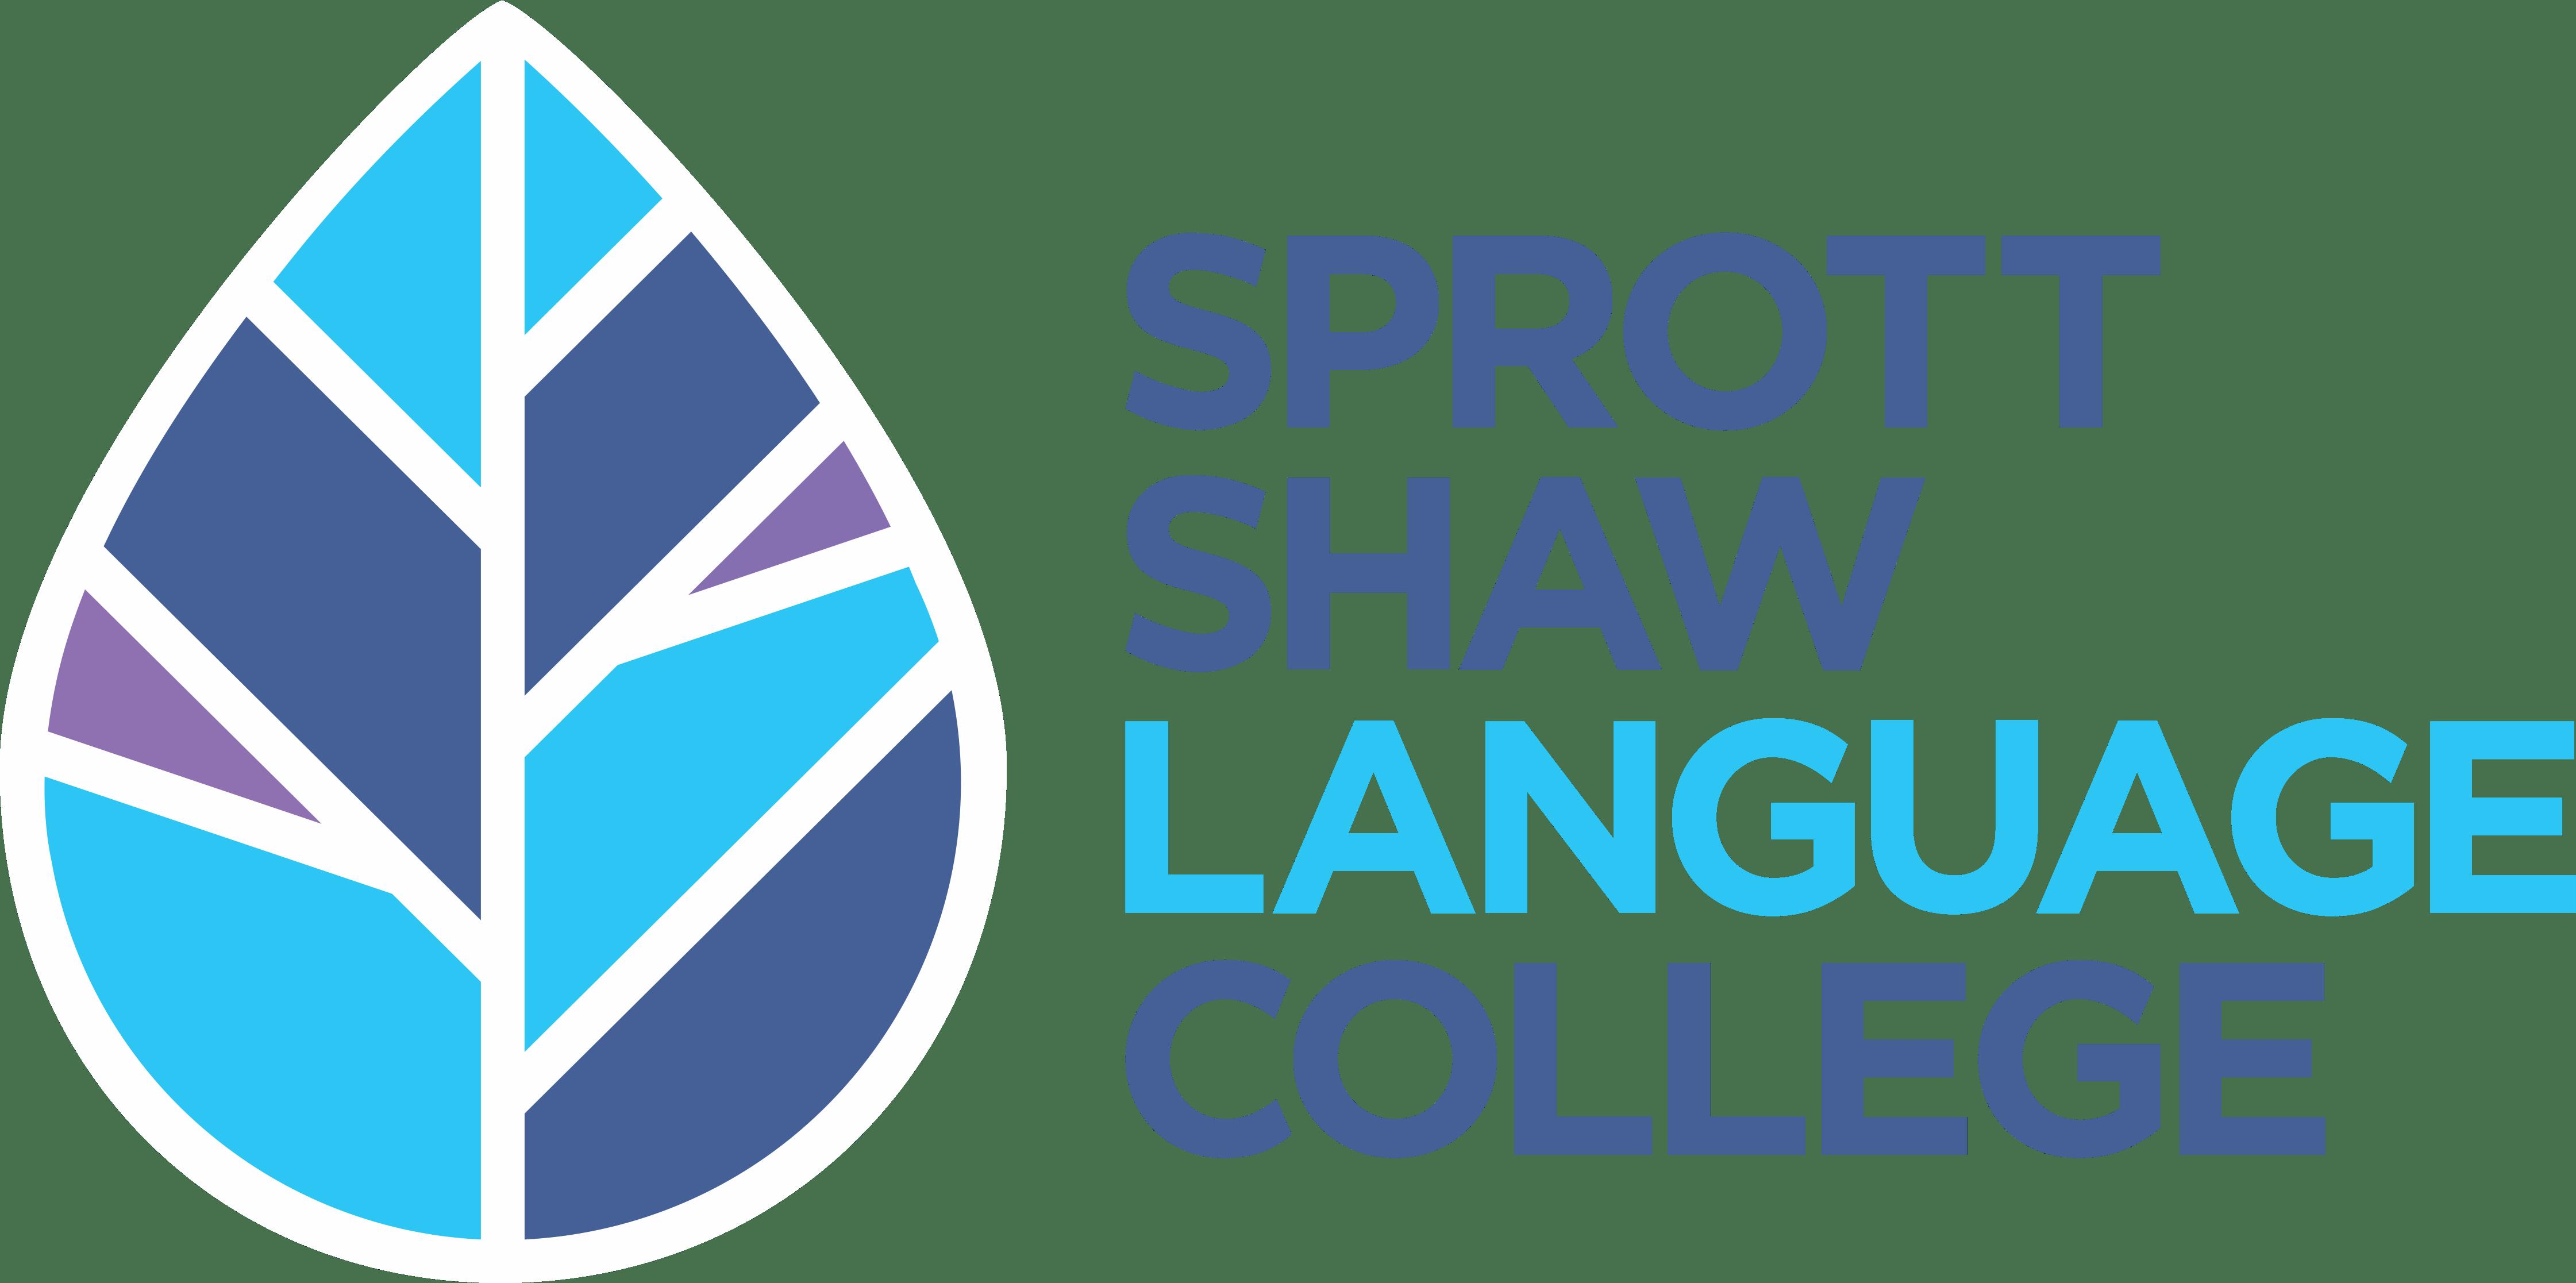 مدرسة سبروت شو للغة الانجليزية